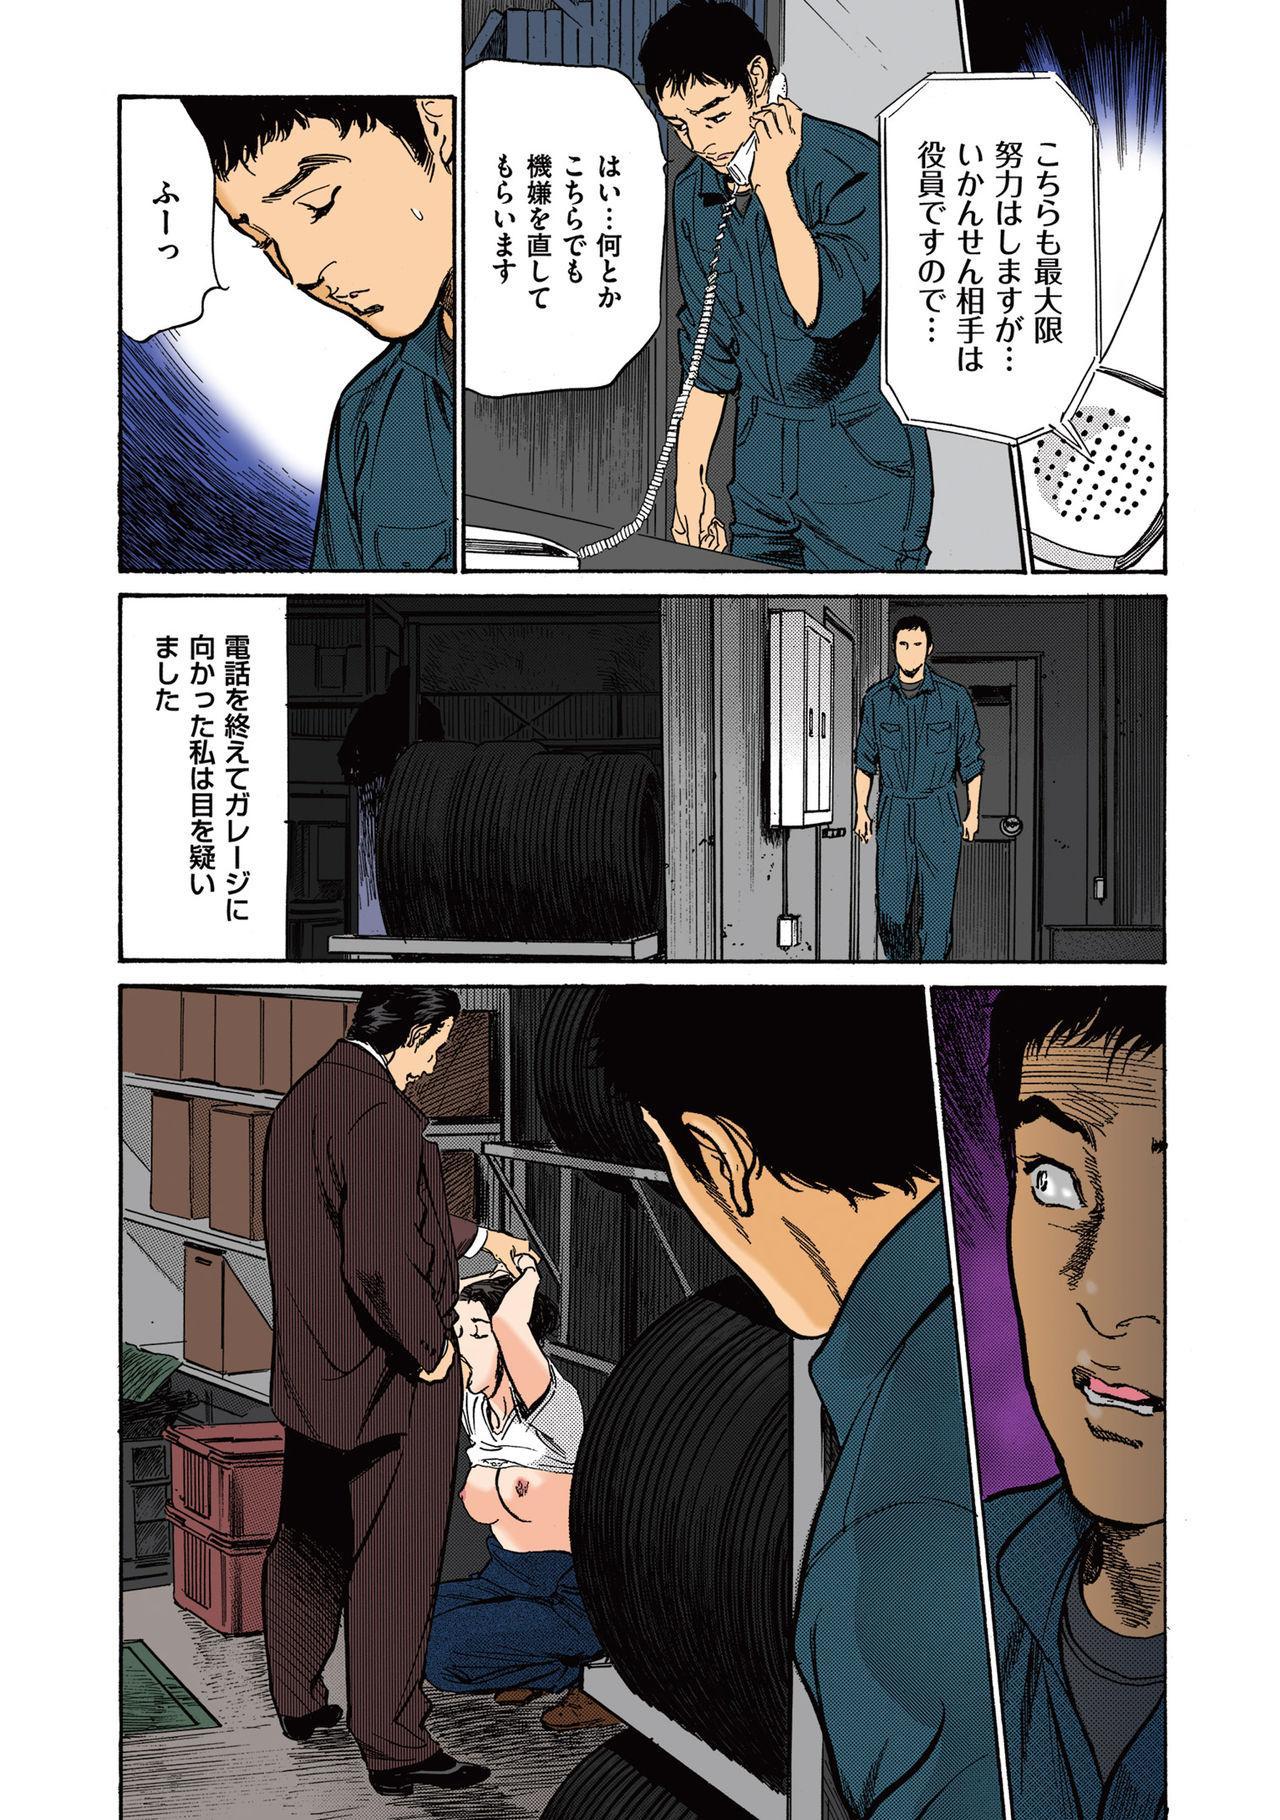 [Hazuki Kaoru] Hazuki Kaoru no Tamaranai Hanashi (Full Color Version) 2-1 76